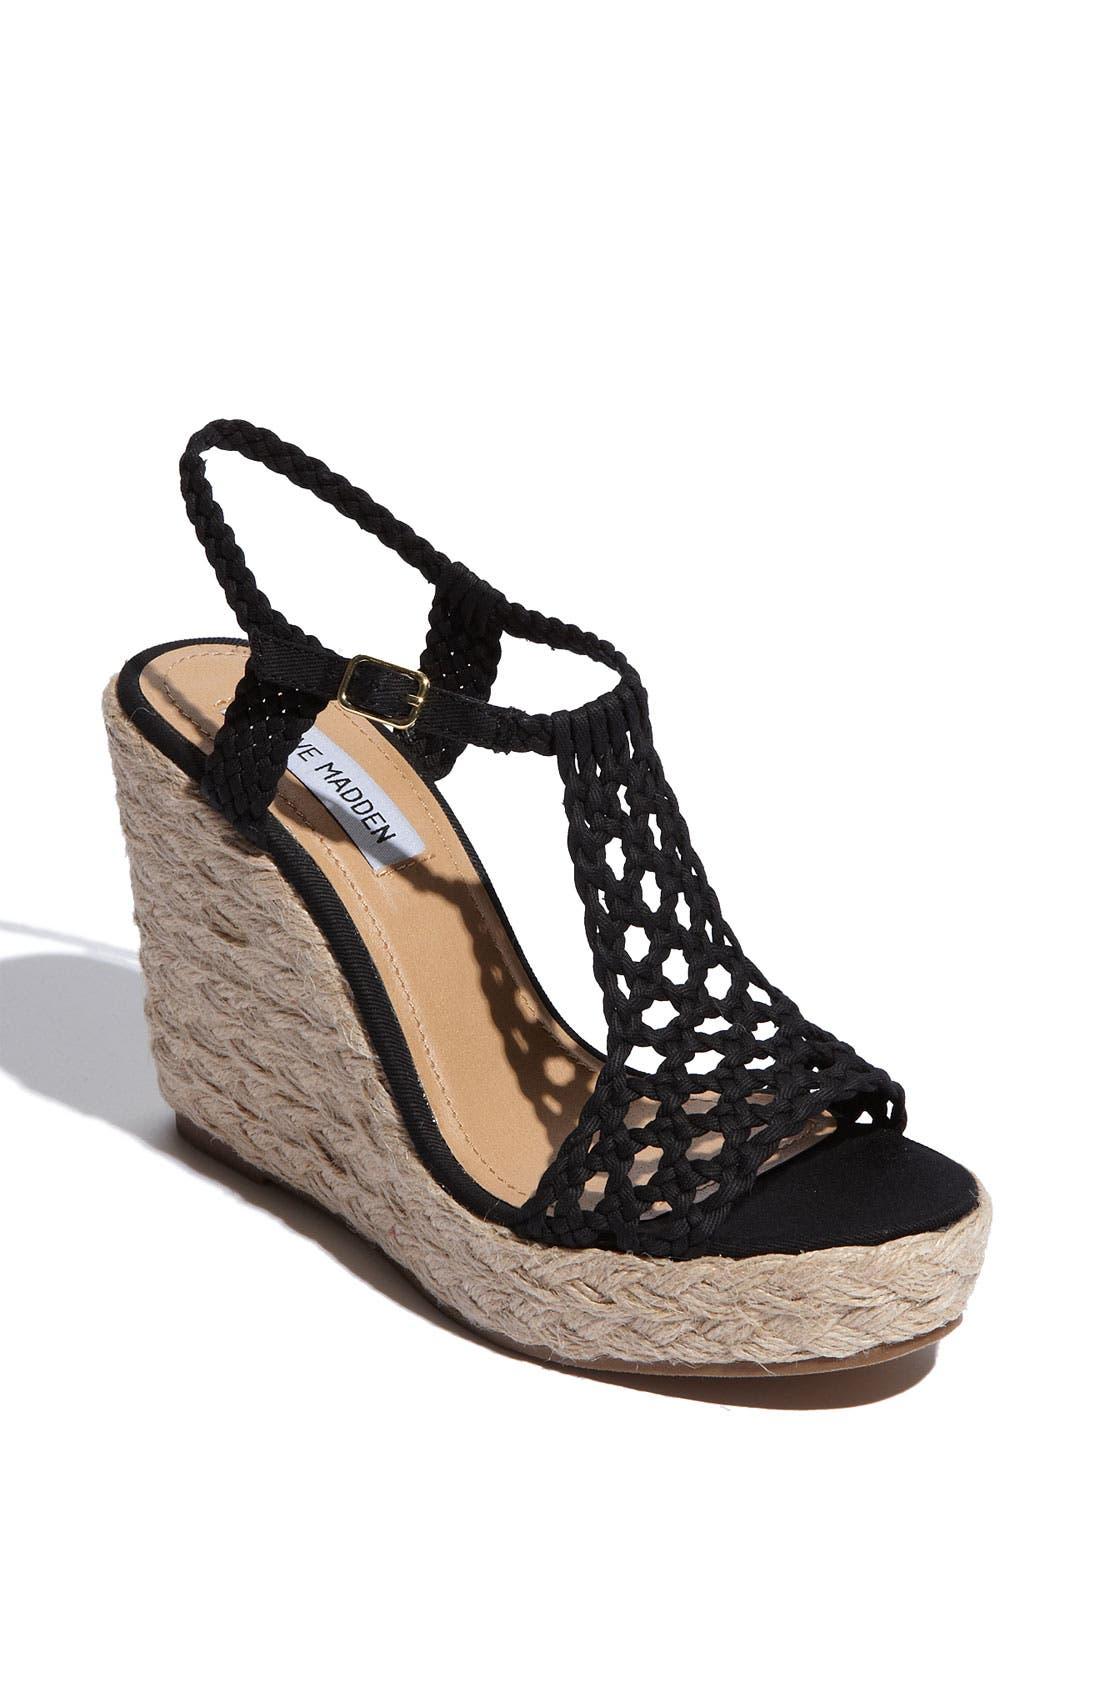 Main Image - Steve Madden 'Manngo' Woven Sandal